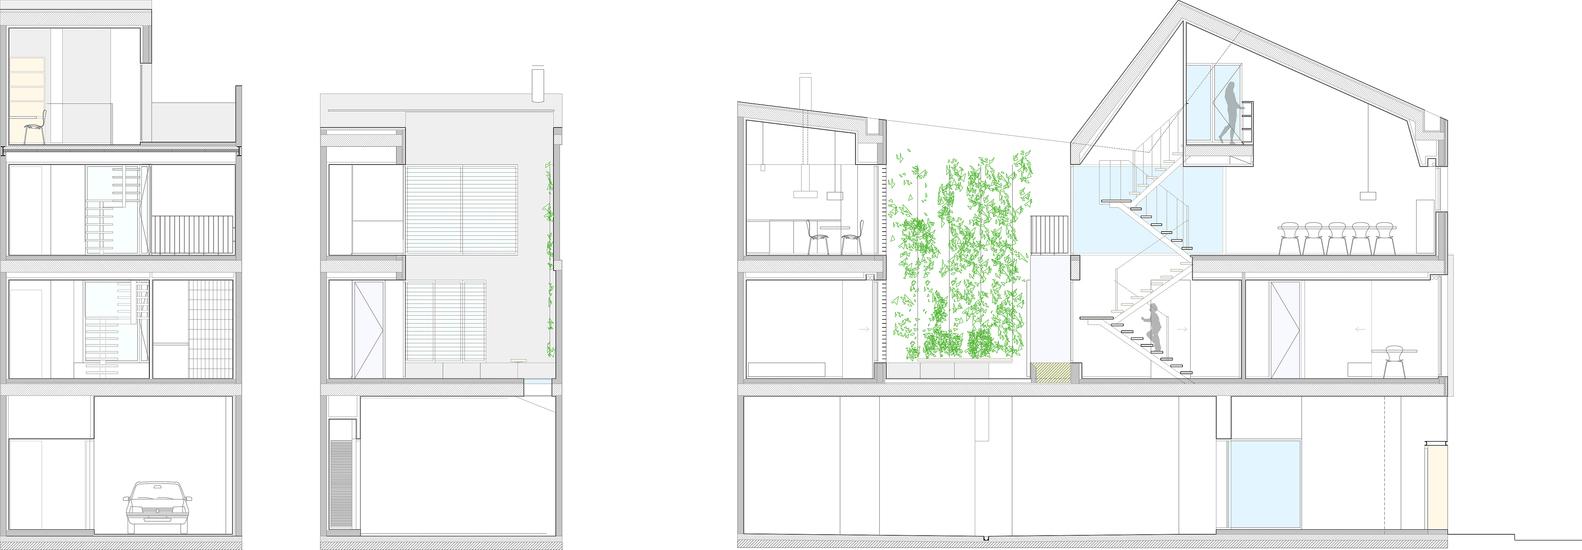 Galería de Vivienda Patio / Juan Marco Arquitectos - 32